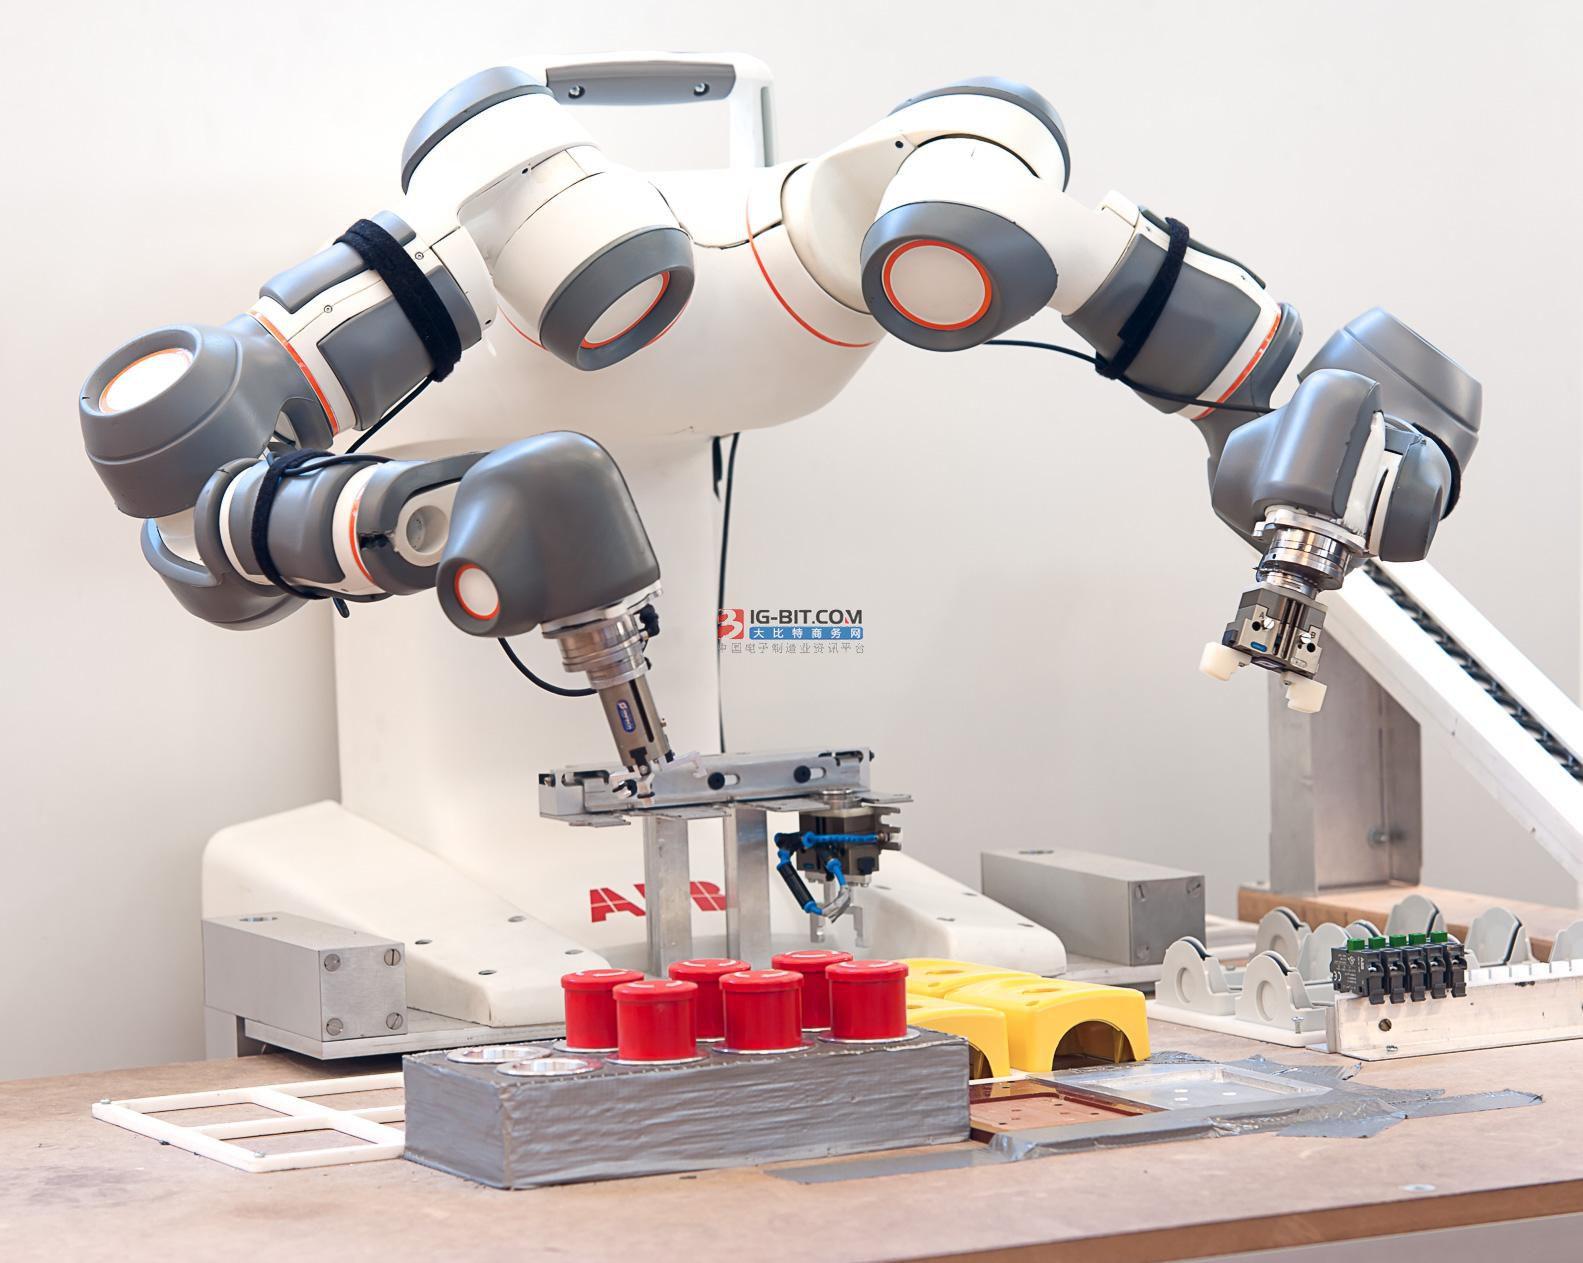 麻省理工学院的新机器人使用UV-C光消毒仓库